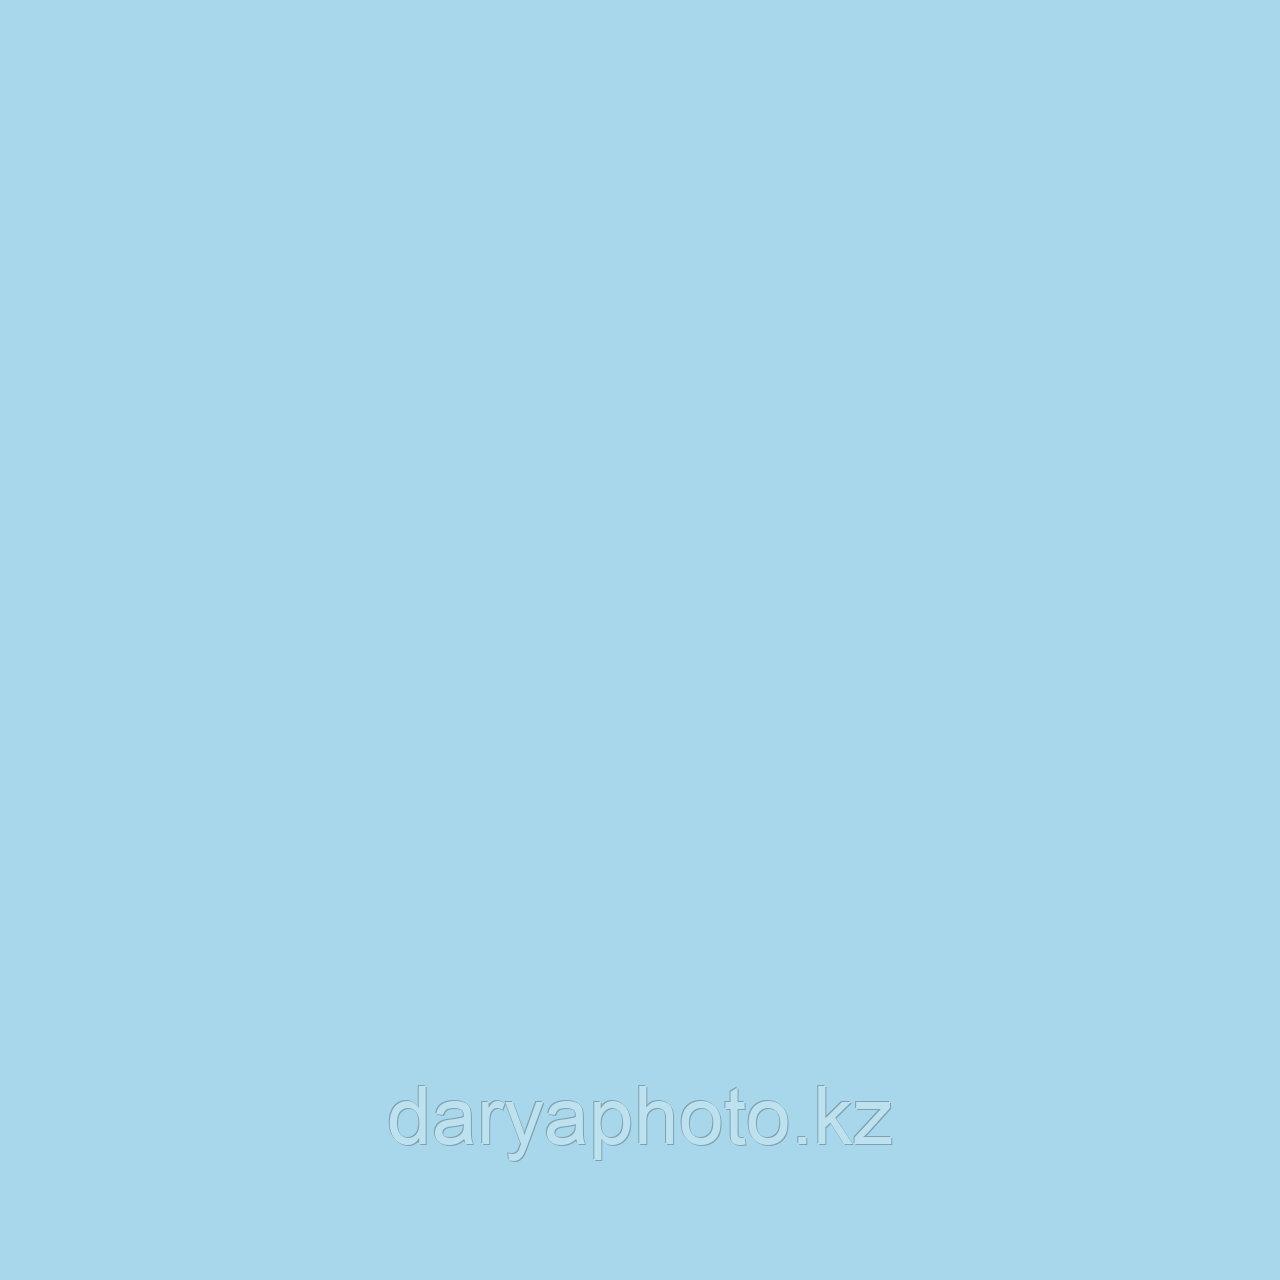 Голубой светлый Фон бумажный. Фотофон. Фон для фотостудии